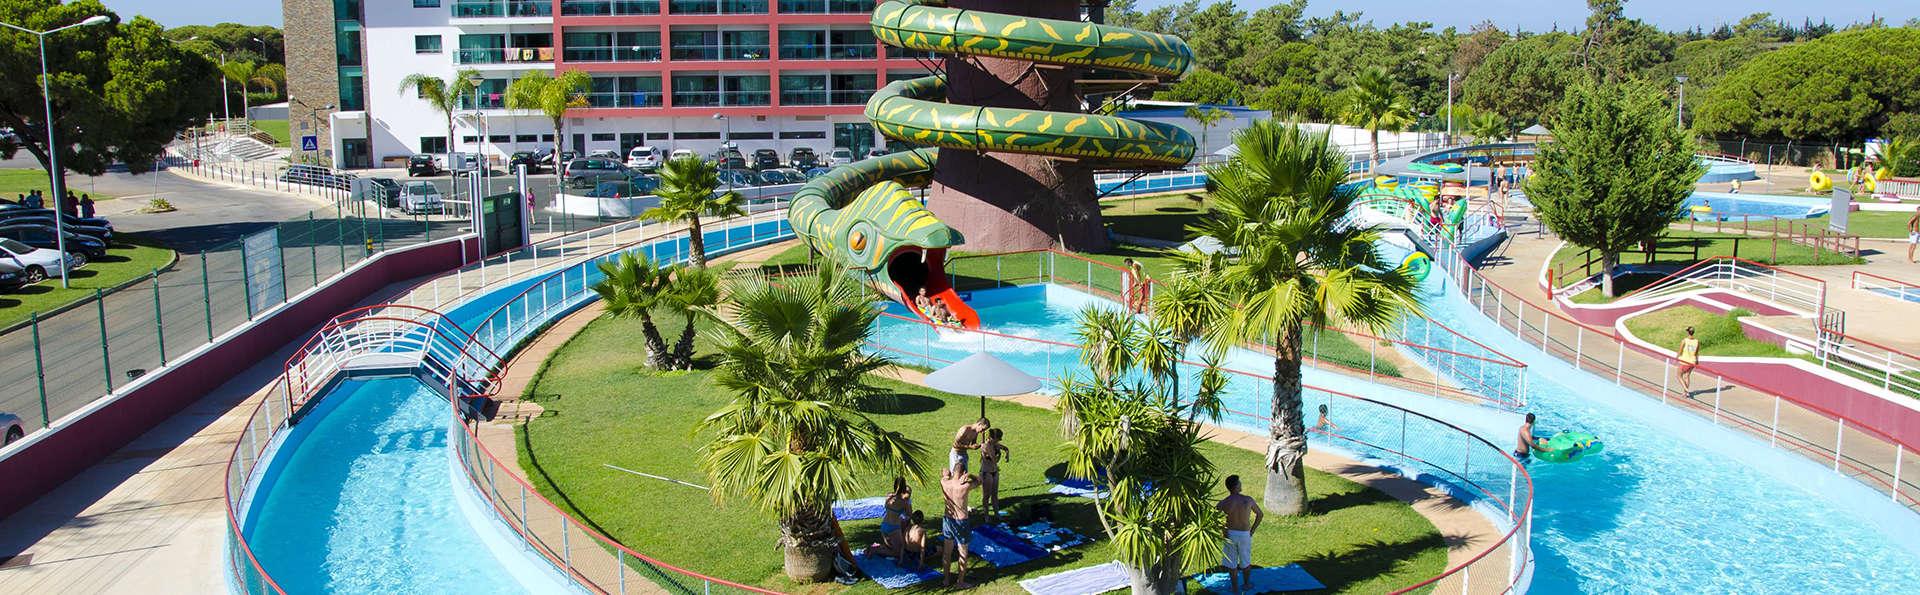 Aquashow Park Hotel - Edit_Park5.jpg